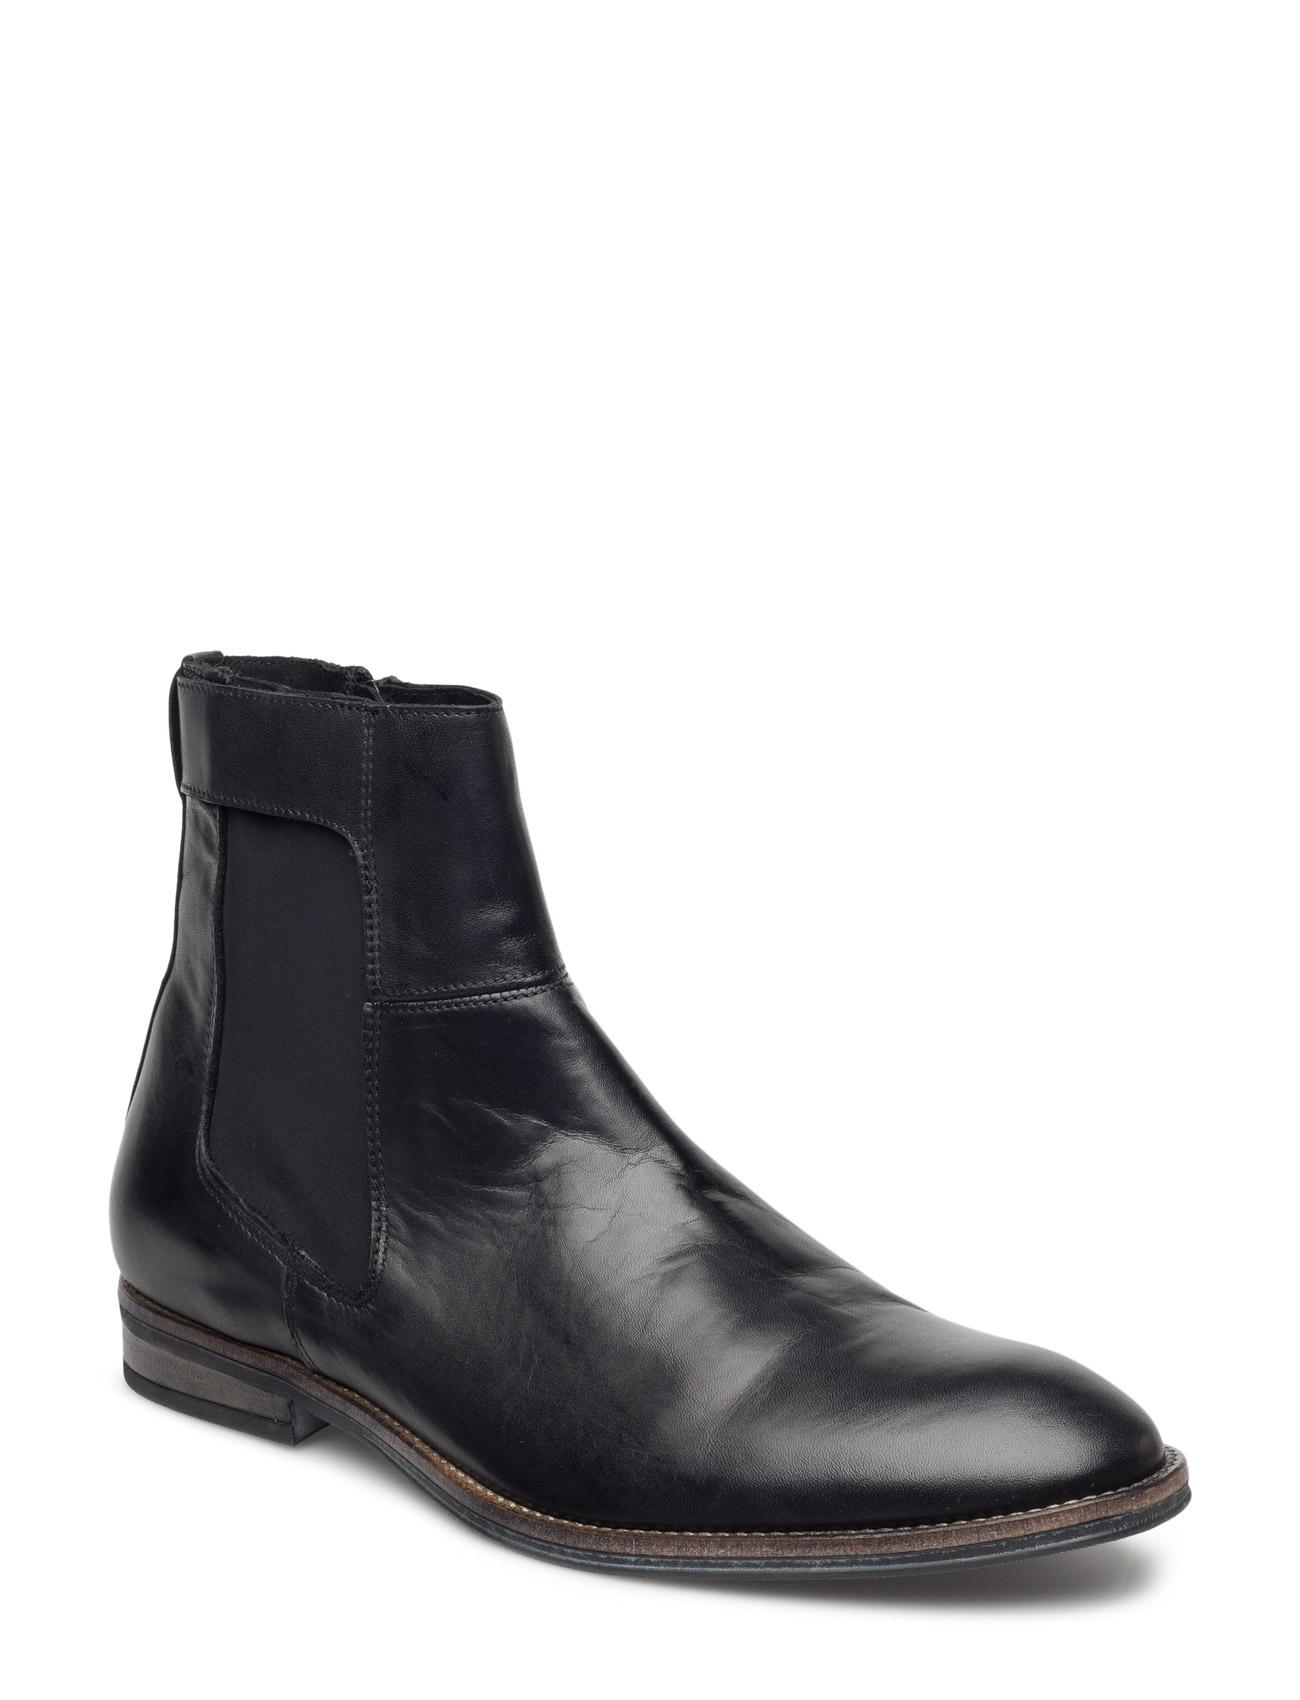 High Cut Chelsea Jja16 Bianco Støvler til Mænd i Sort